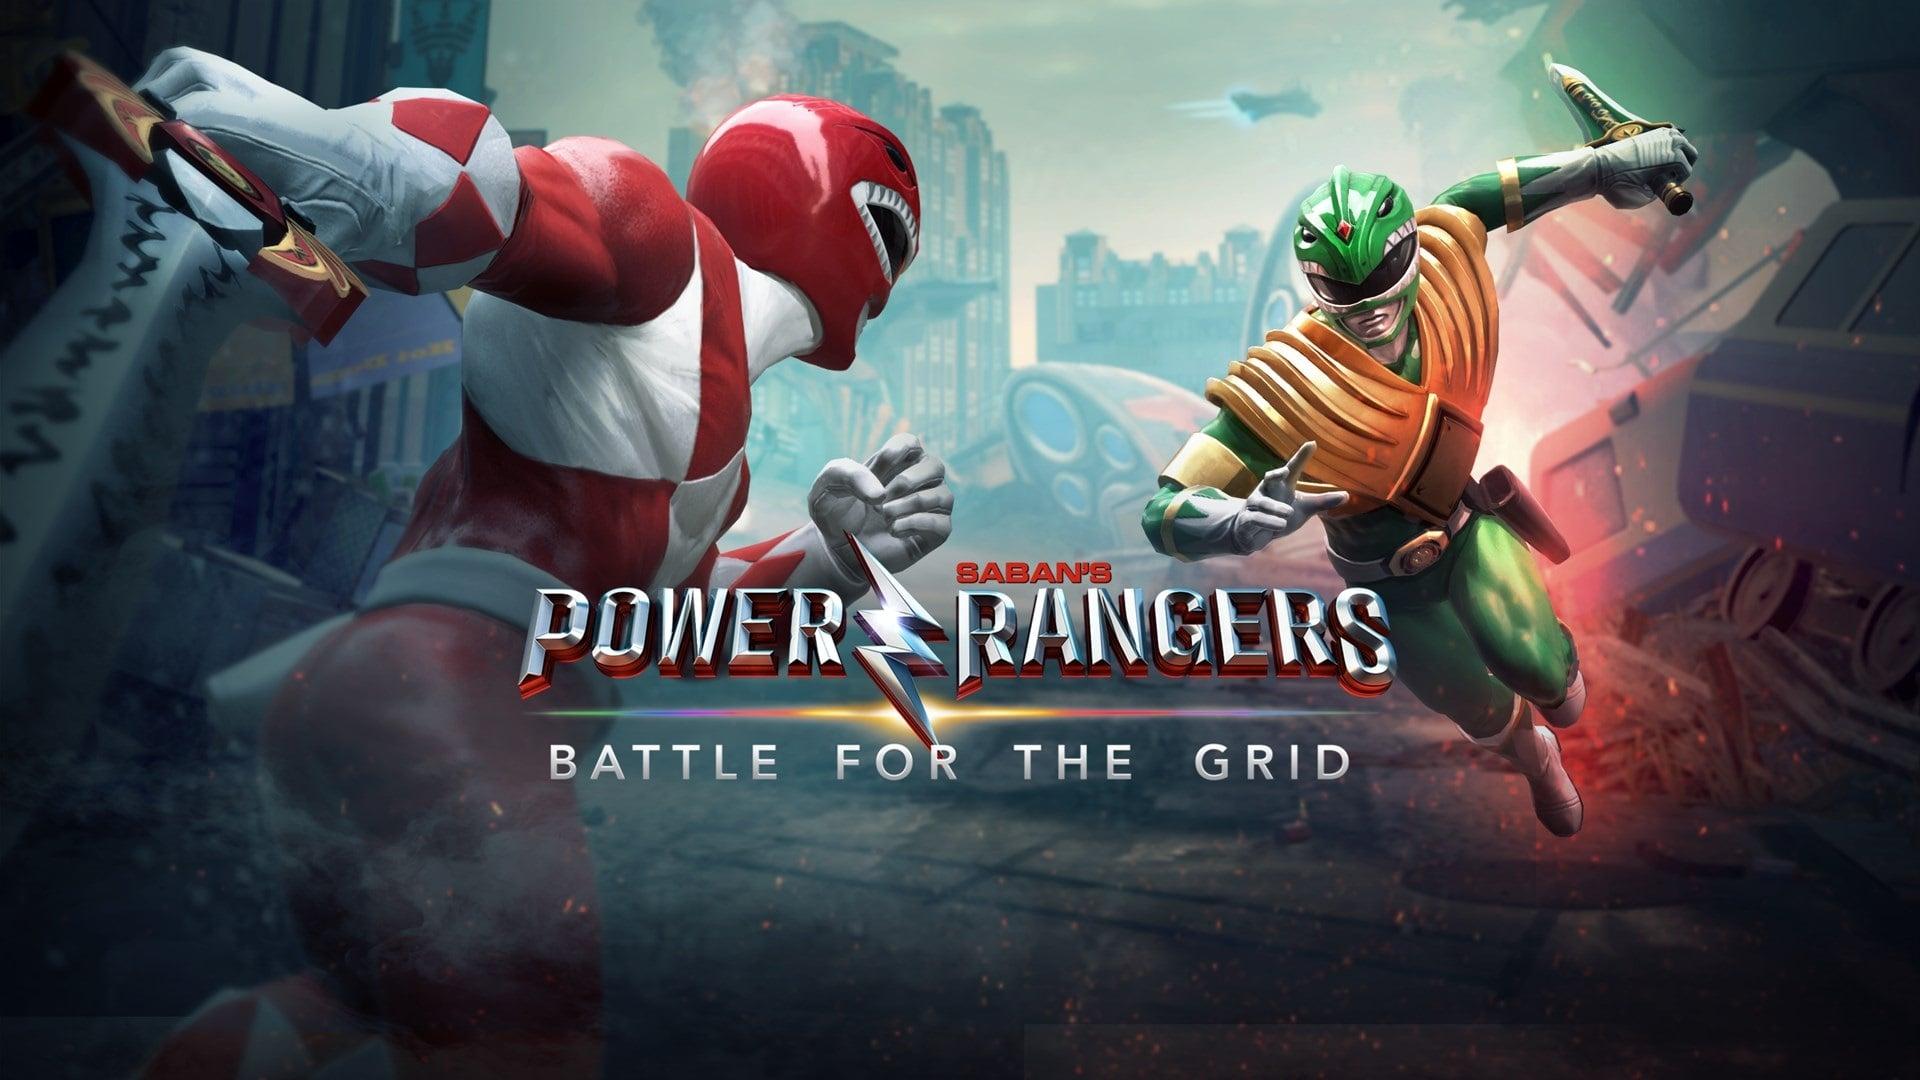 Dream Ranger-Battles in Power Rangers Battle for the Grid